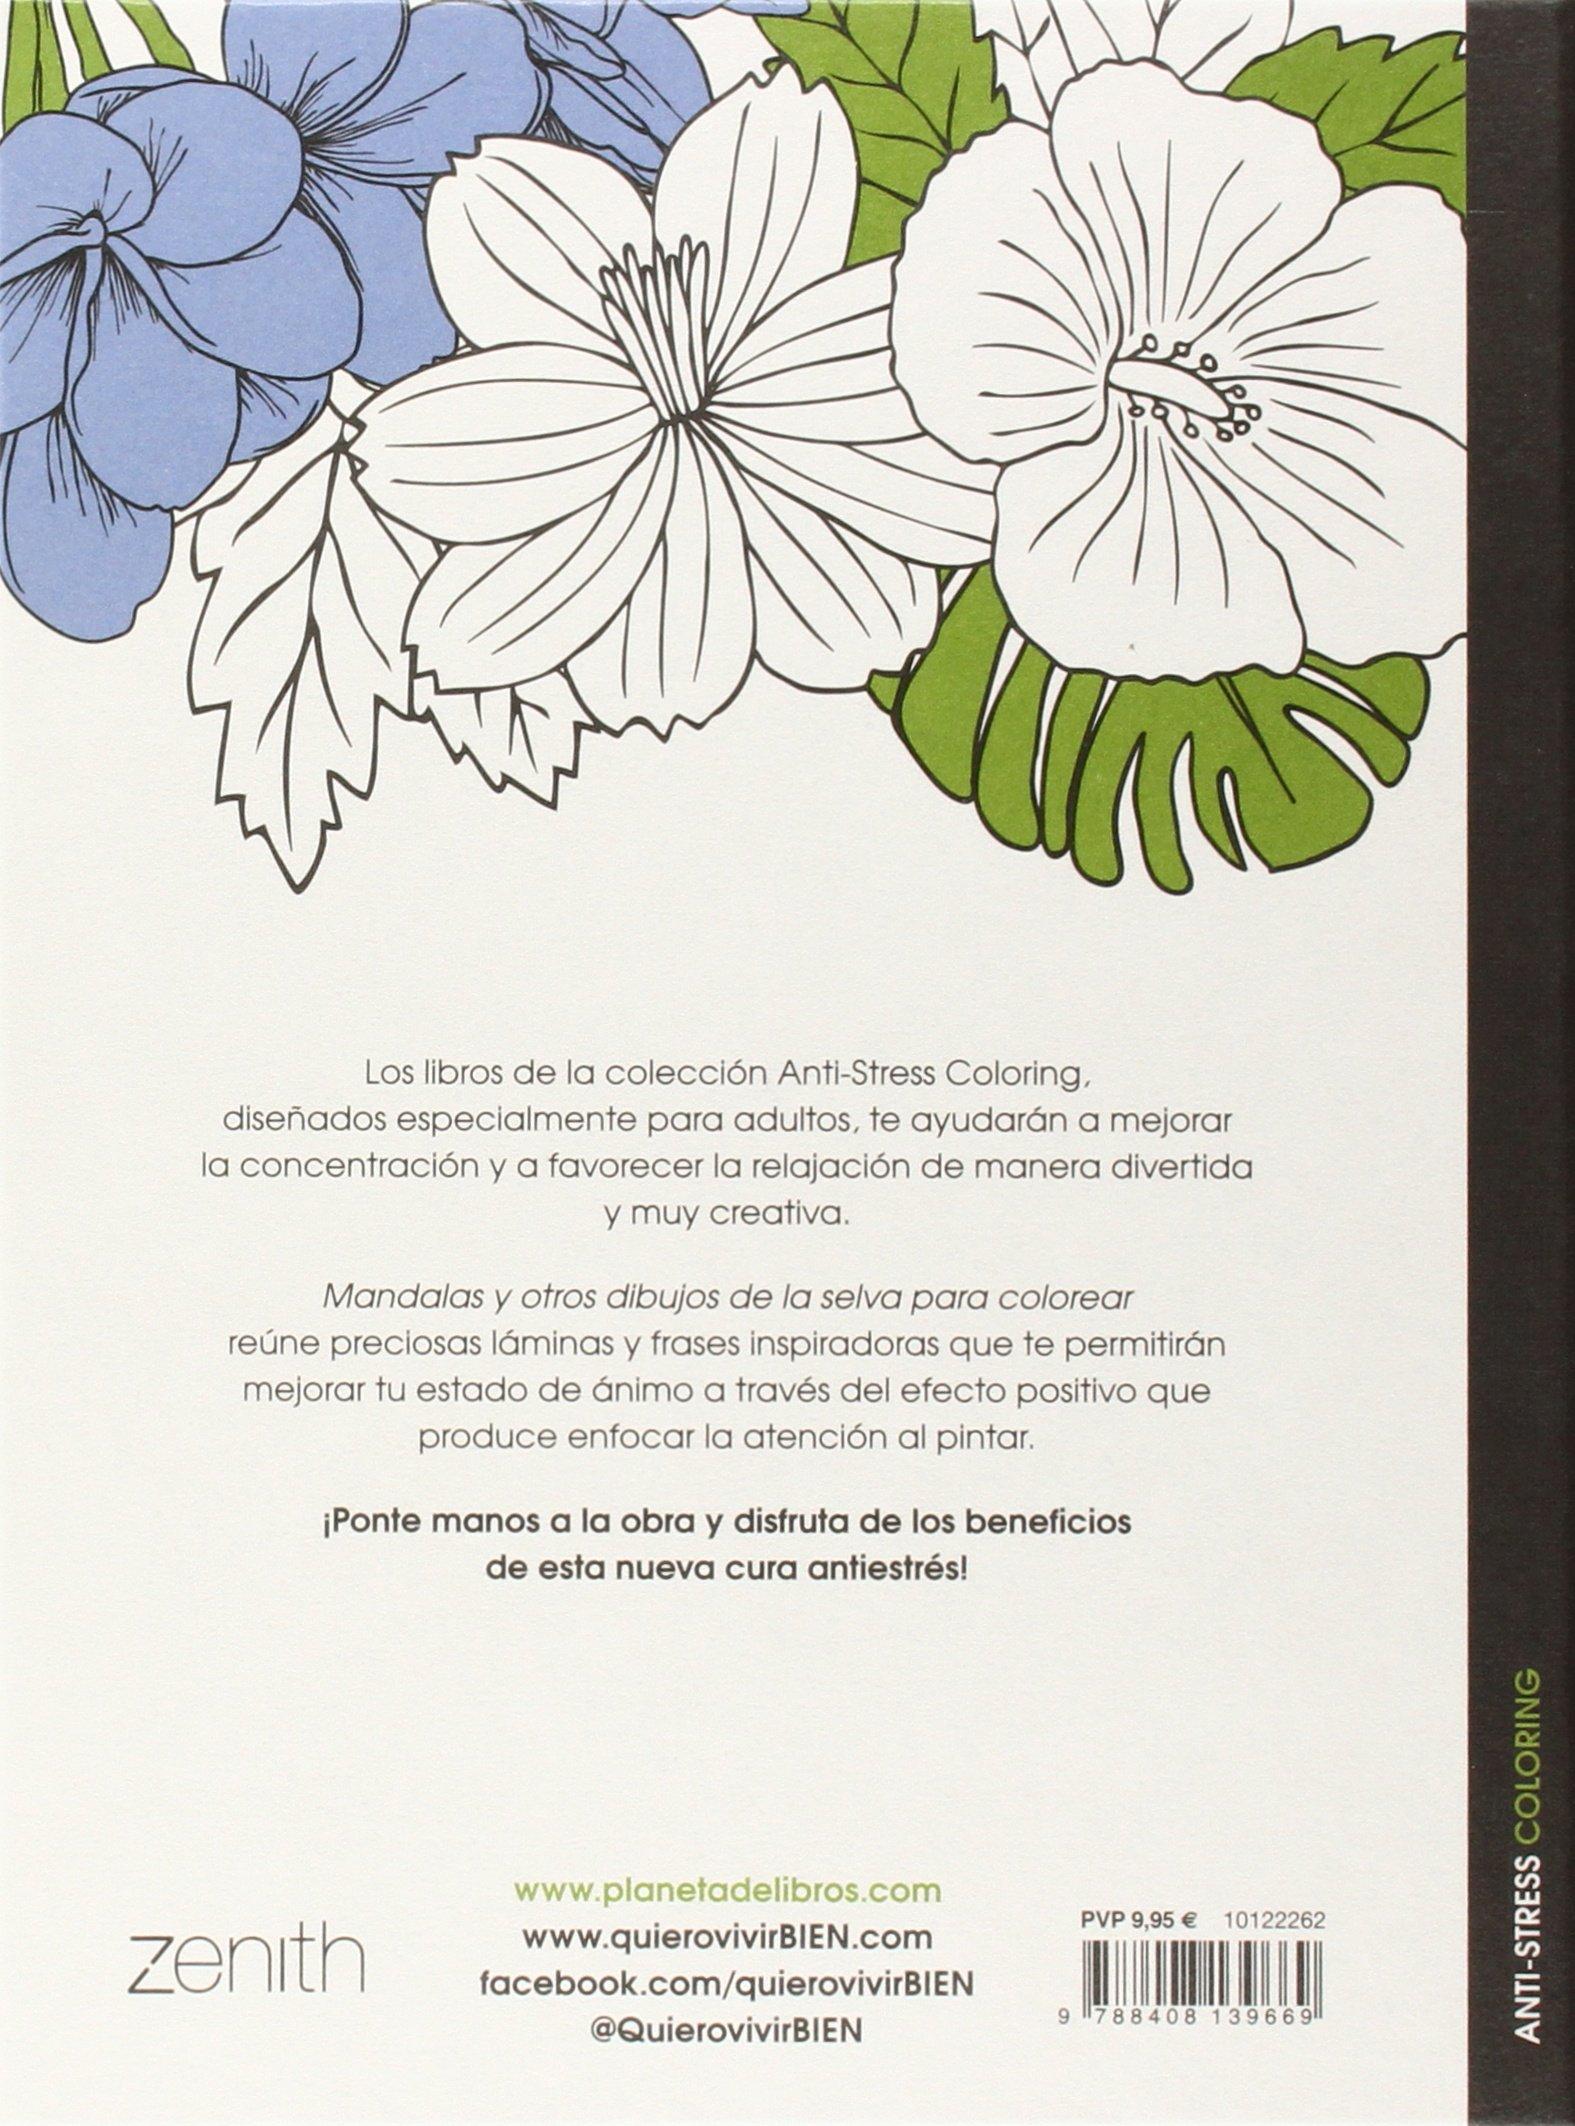 Mandalas Y Otros Dibujos De La Selva Para Colorear Aa Vv